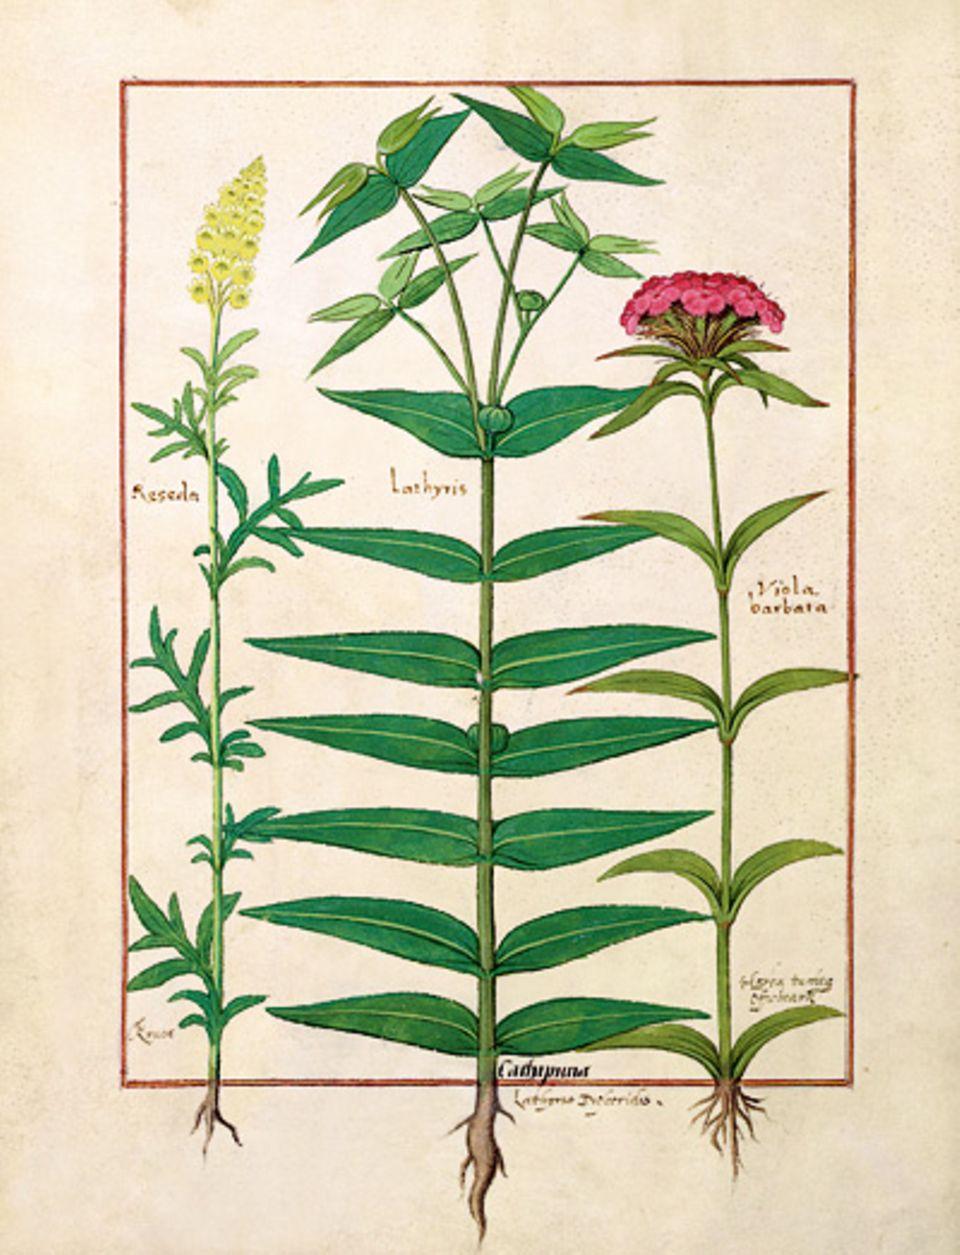 GEO EPOCHE KOLLEKTION: Hildegard erforscht die Heilwirkung von Pflanzen, so der abführenden Euphorbia lathyris (Mitte; Buchmalerei, 15. Jh.)